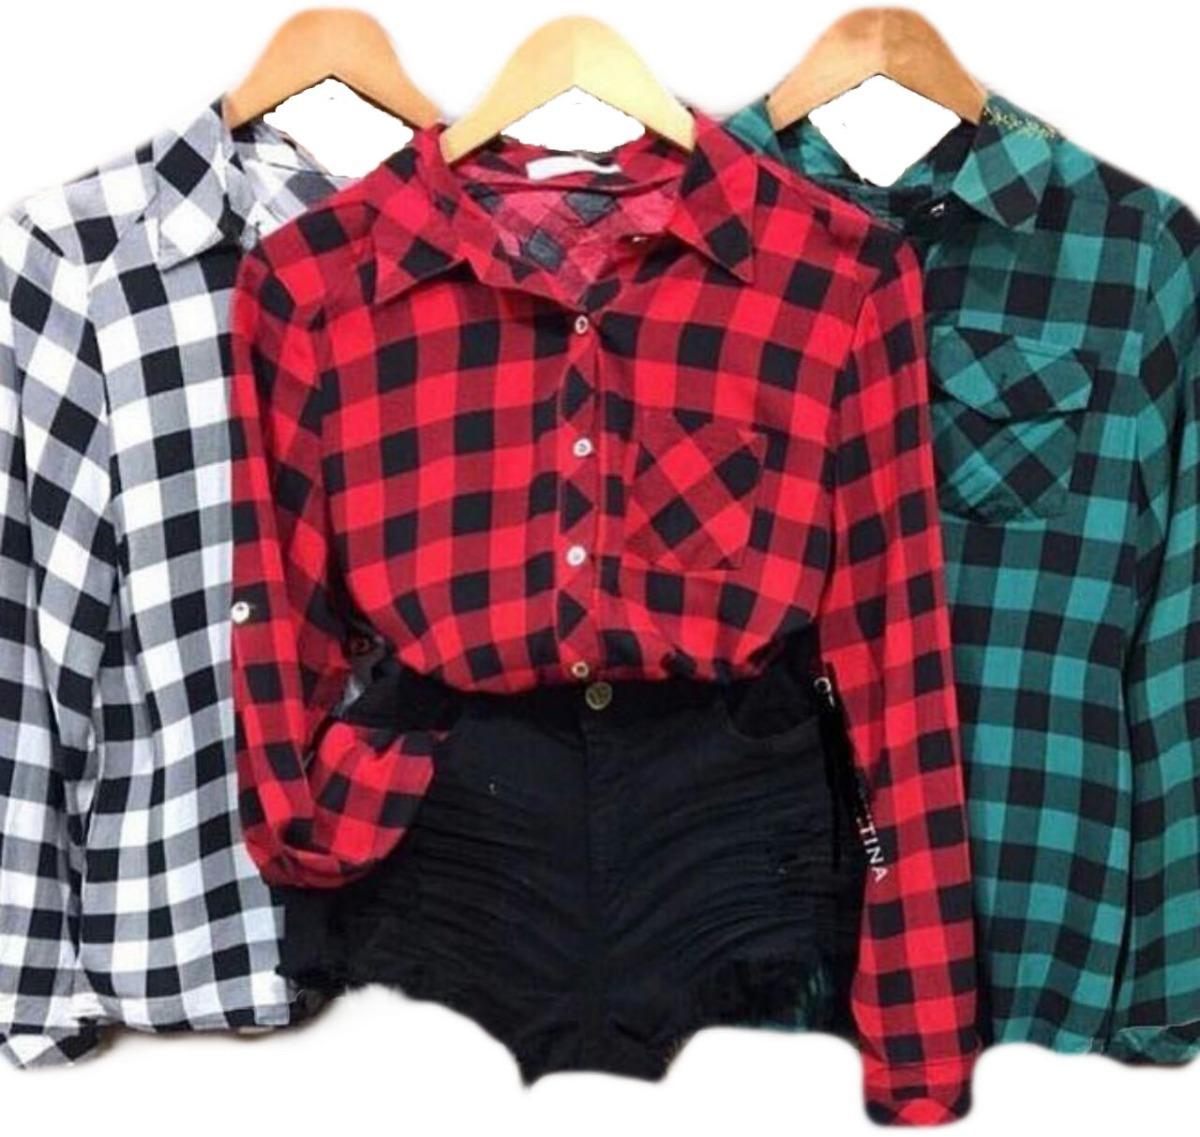 Camisas Femininas Dudalina, Fotos e Modelos | Ideias Mix